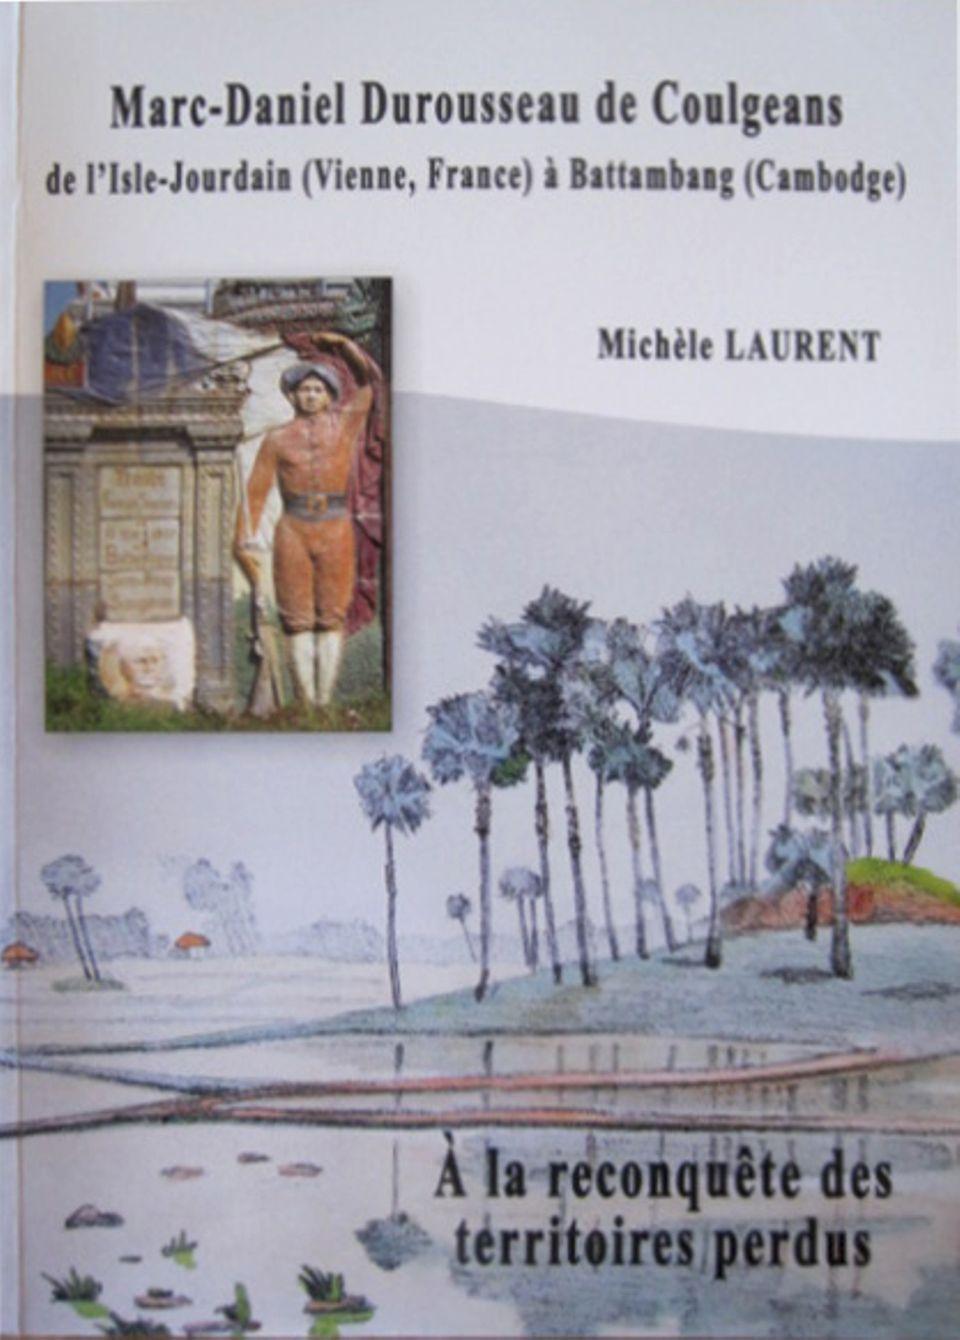 Cahier du GRHAIJ, Mémoire du GRHAIJ - 2011, Michèle Laurent